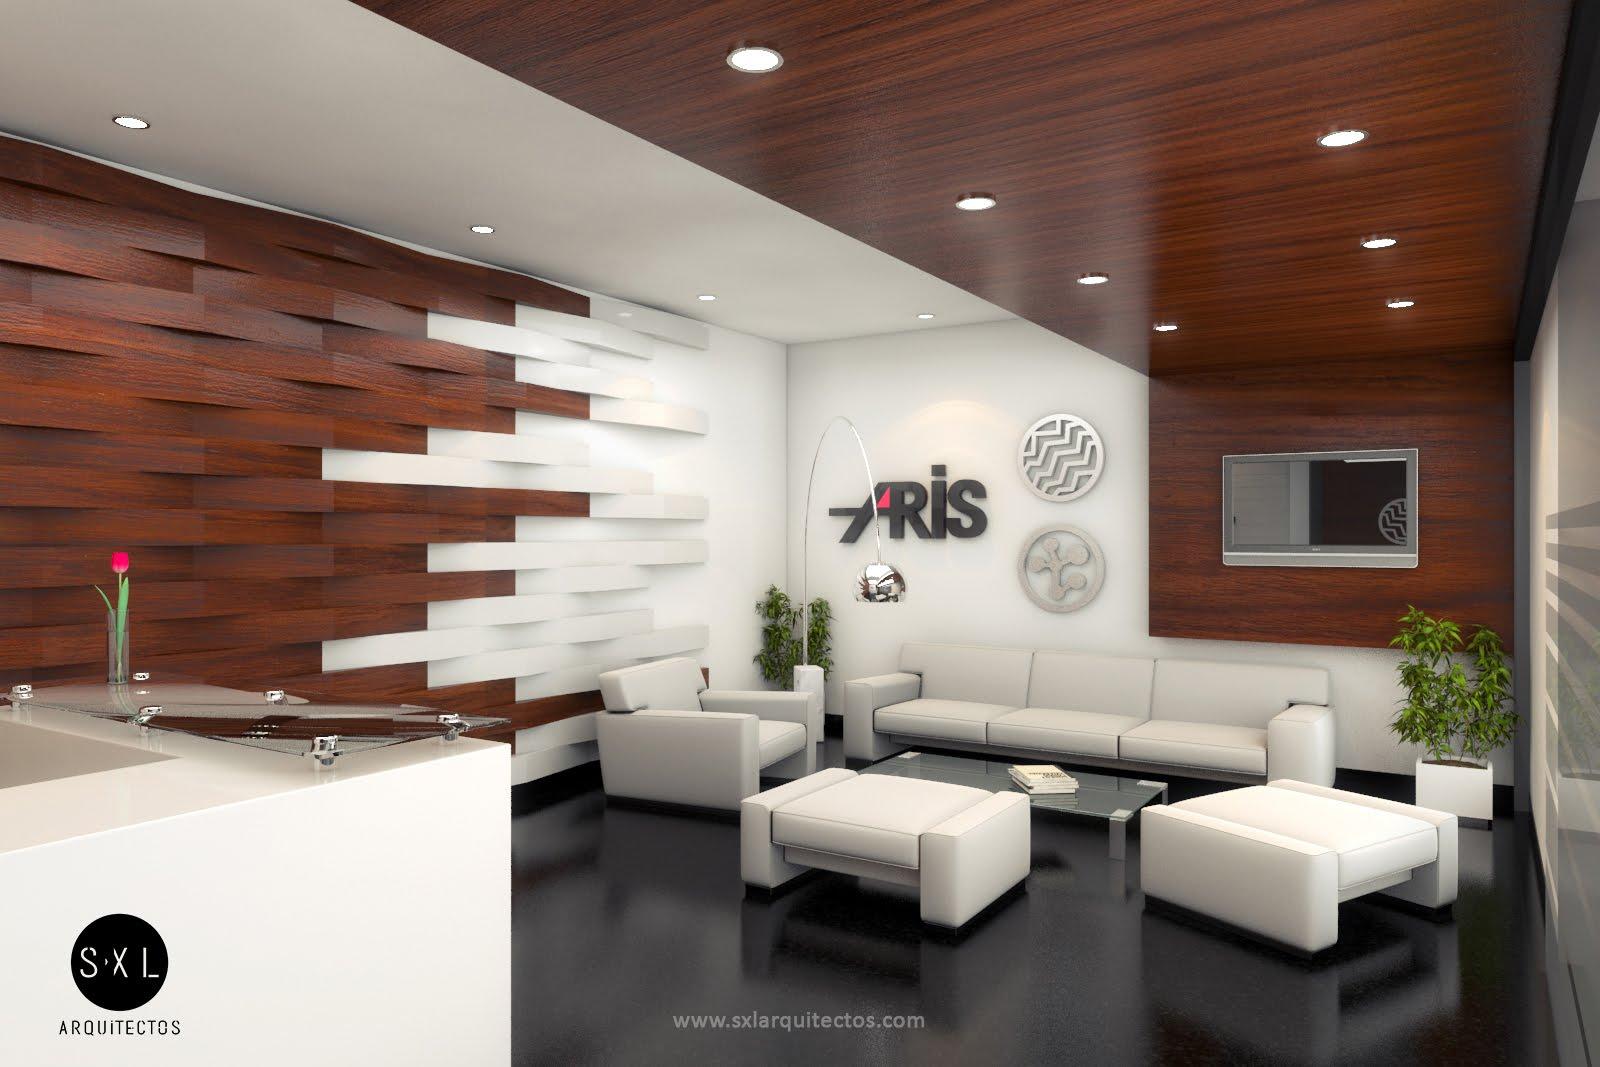 Oficinas aris recepci n s xl arquitectos for Recepciones modernas para oficinas